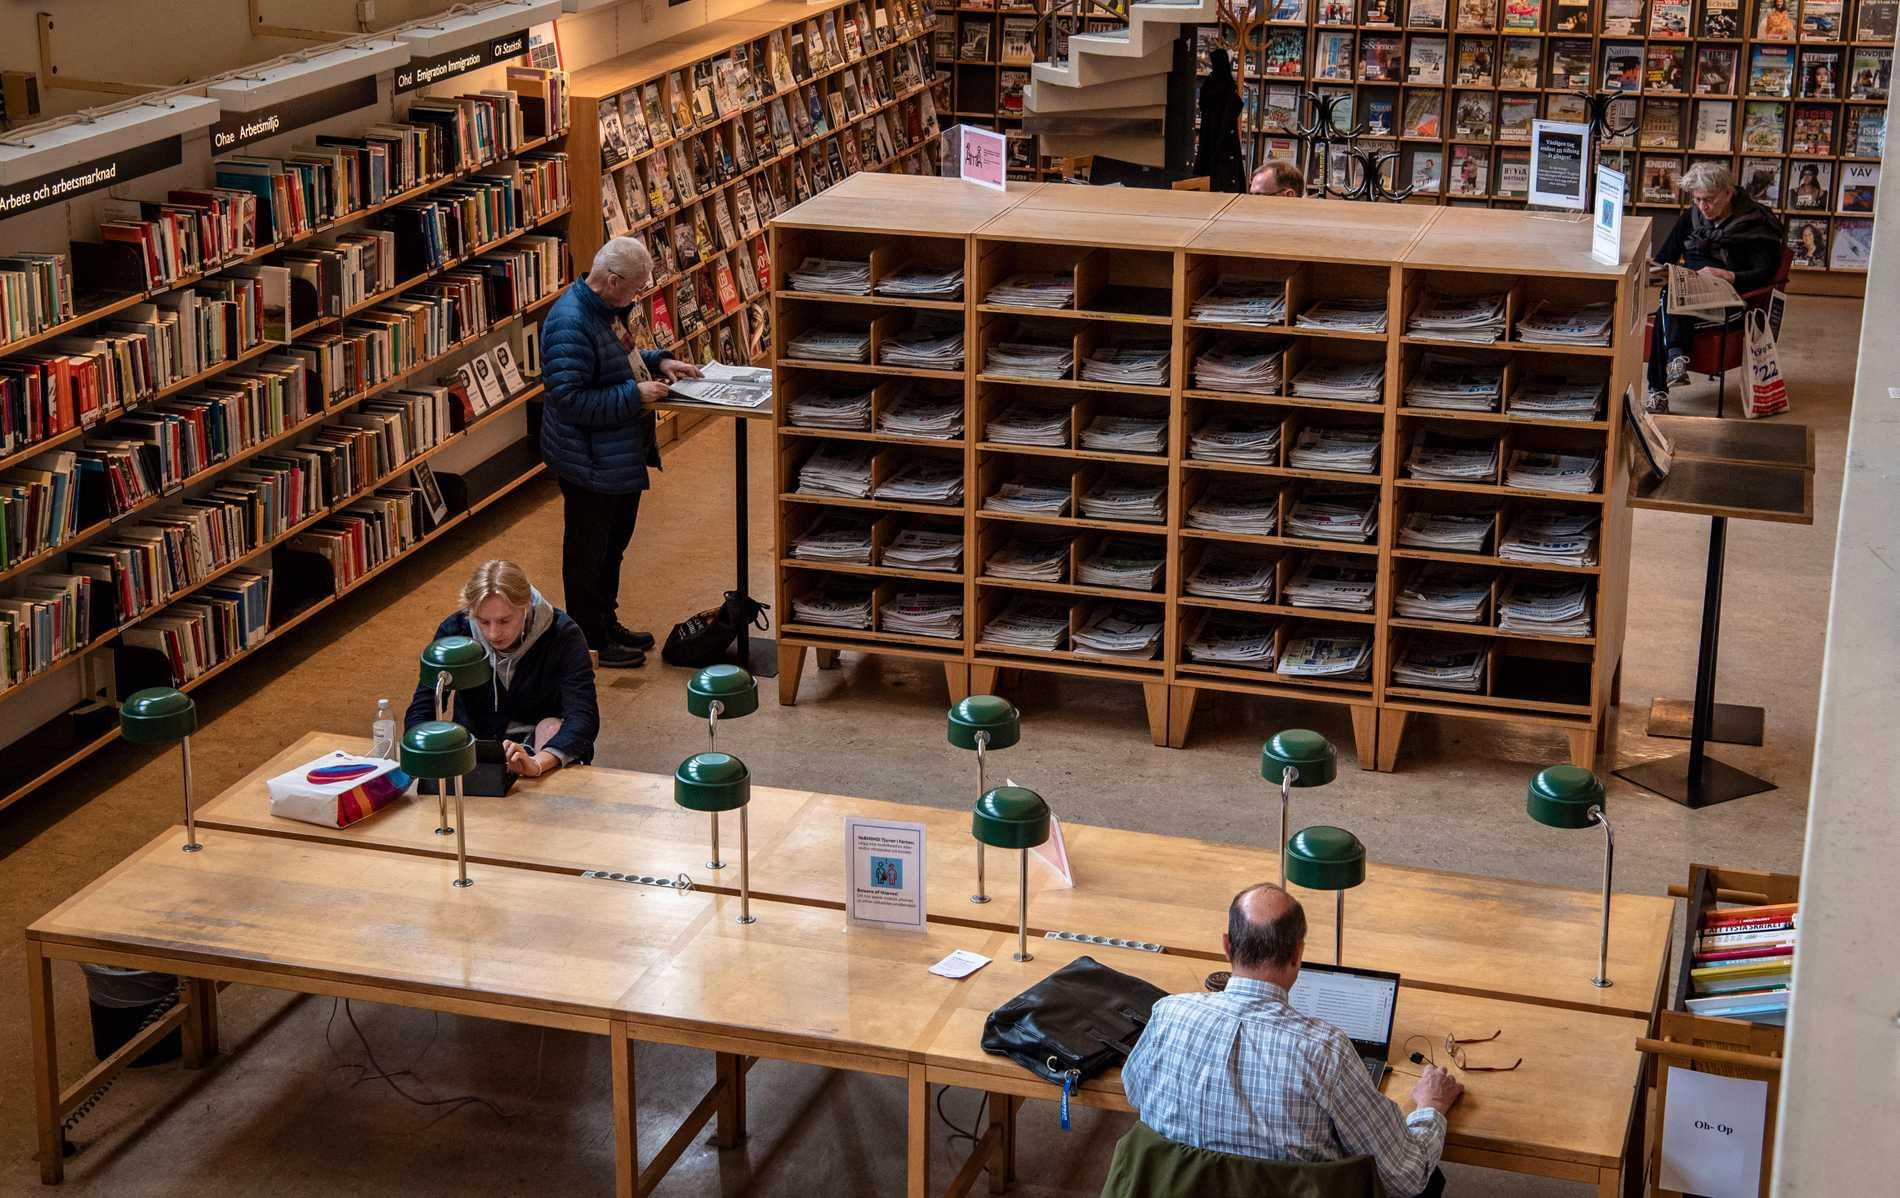 Biblioteken behövs nu mer än någonsin, men har hamnat i kläm mellan streamingjättar och medborgare, skriver Martin Aagård.